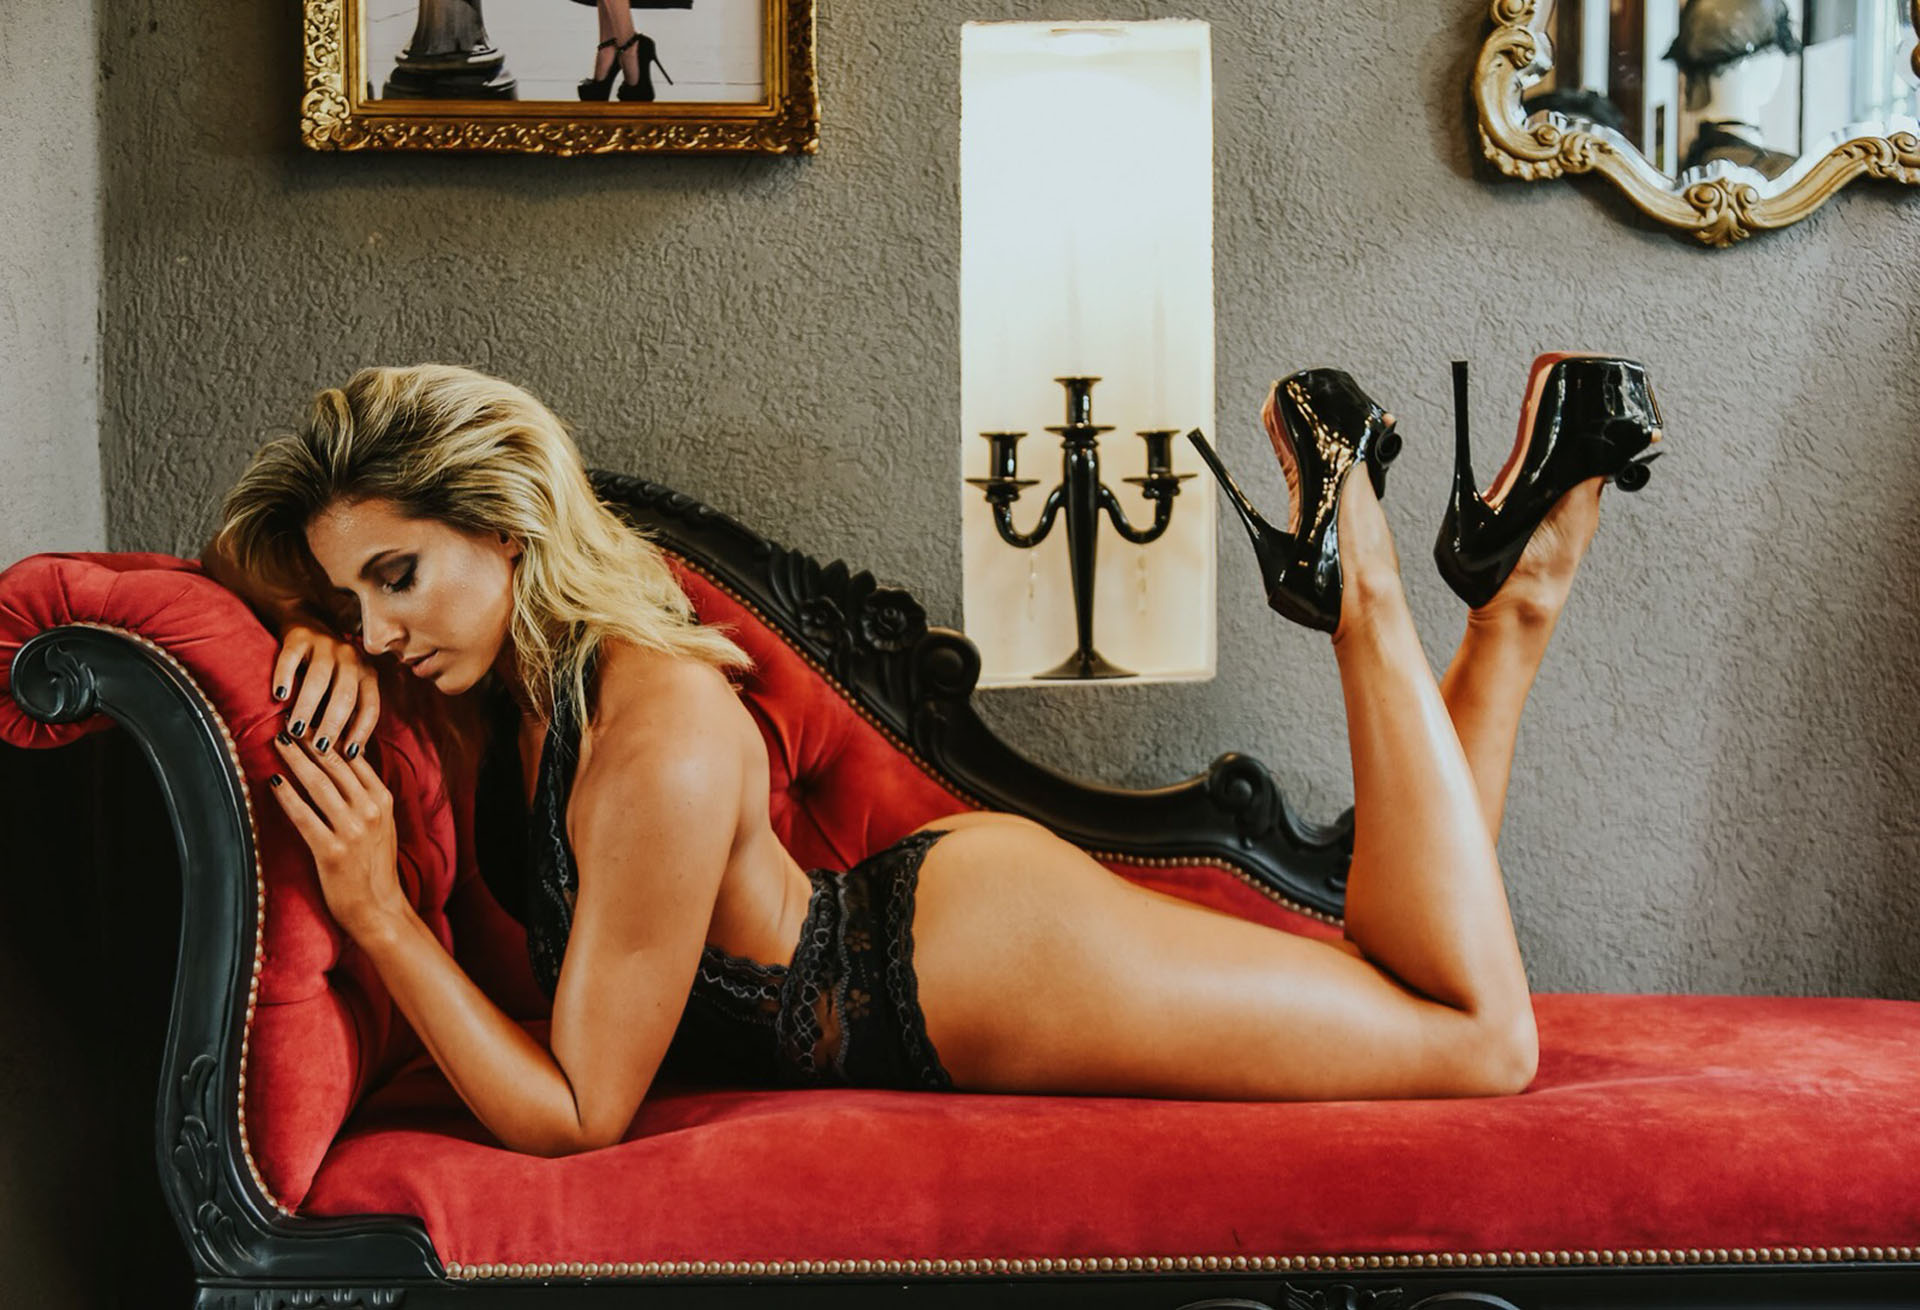 Flor Nigro tiene 29 años y se crió en Villa Lugano. Muy sexy, desplegó toda su sensualidad para esta producción (Fotos: Melanie Flach / Make up: Daniel Di Franco / Peinado: Fefe Robledo / Lencería: Mussa Íntima)